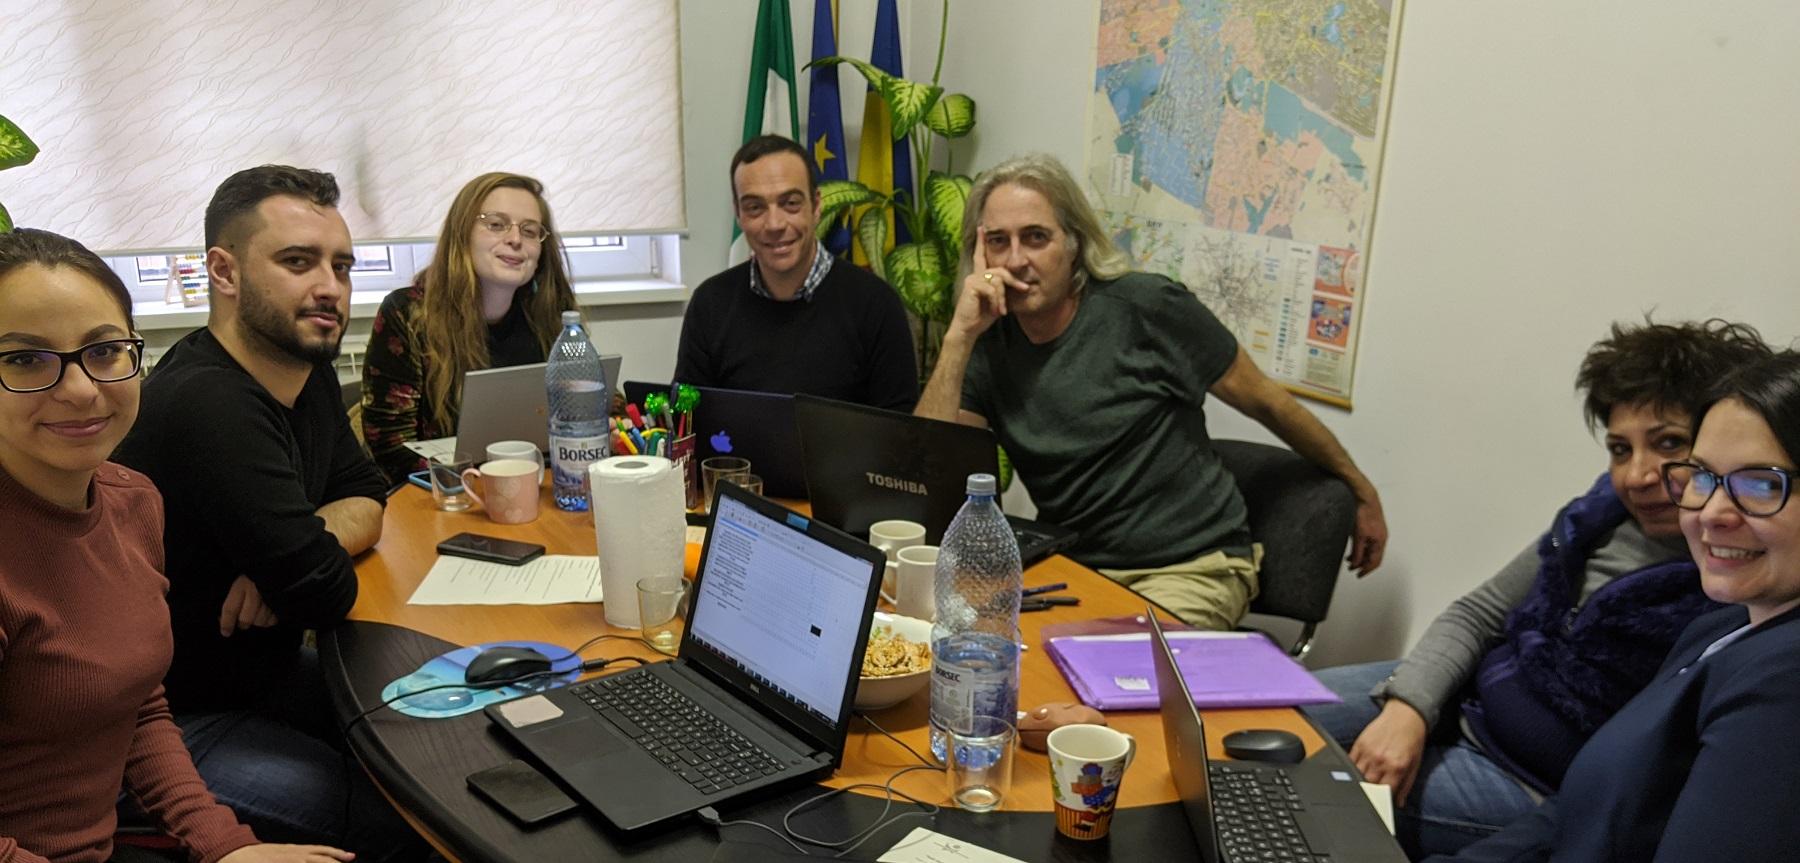 Εναρκτήρια Συνάντηση για το 2o πρόγραμμα της ΕΑΣ ΣΕΓΑΣ  του Ευρωπαϊκού Προγράμματος ERASMUS+SPORT στη Ρουμανία